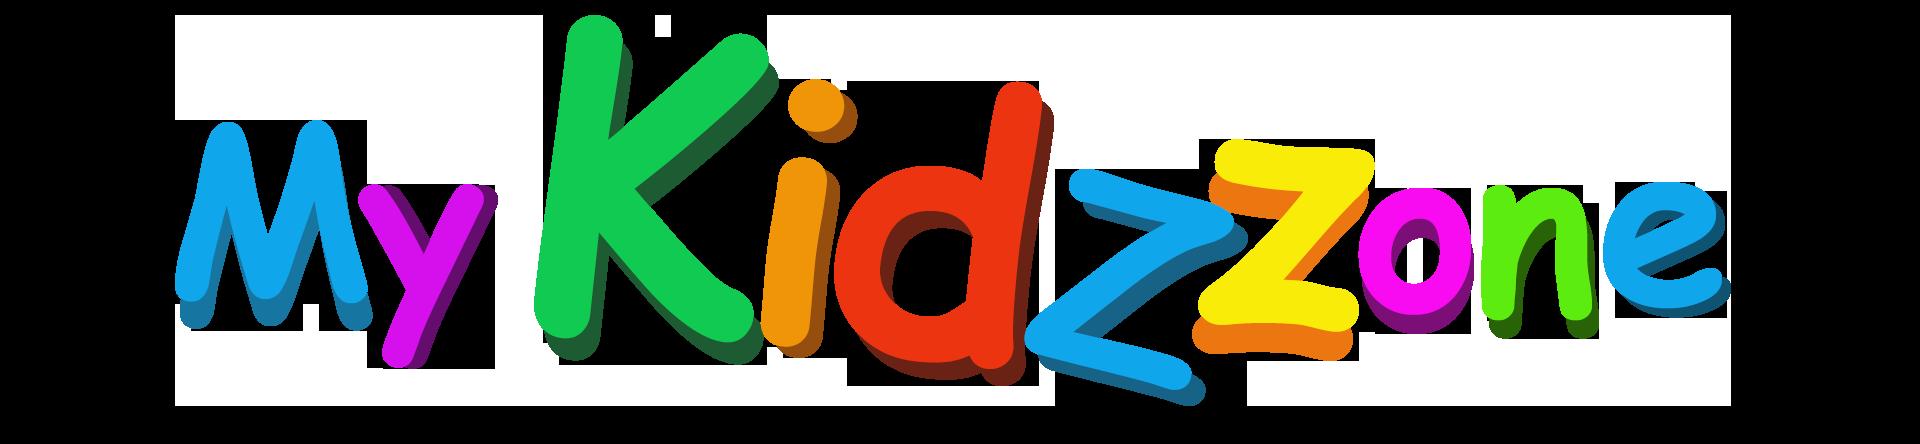 My Kidz Zone